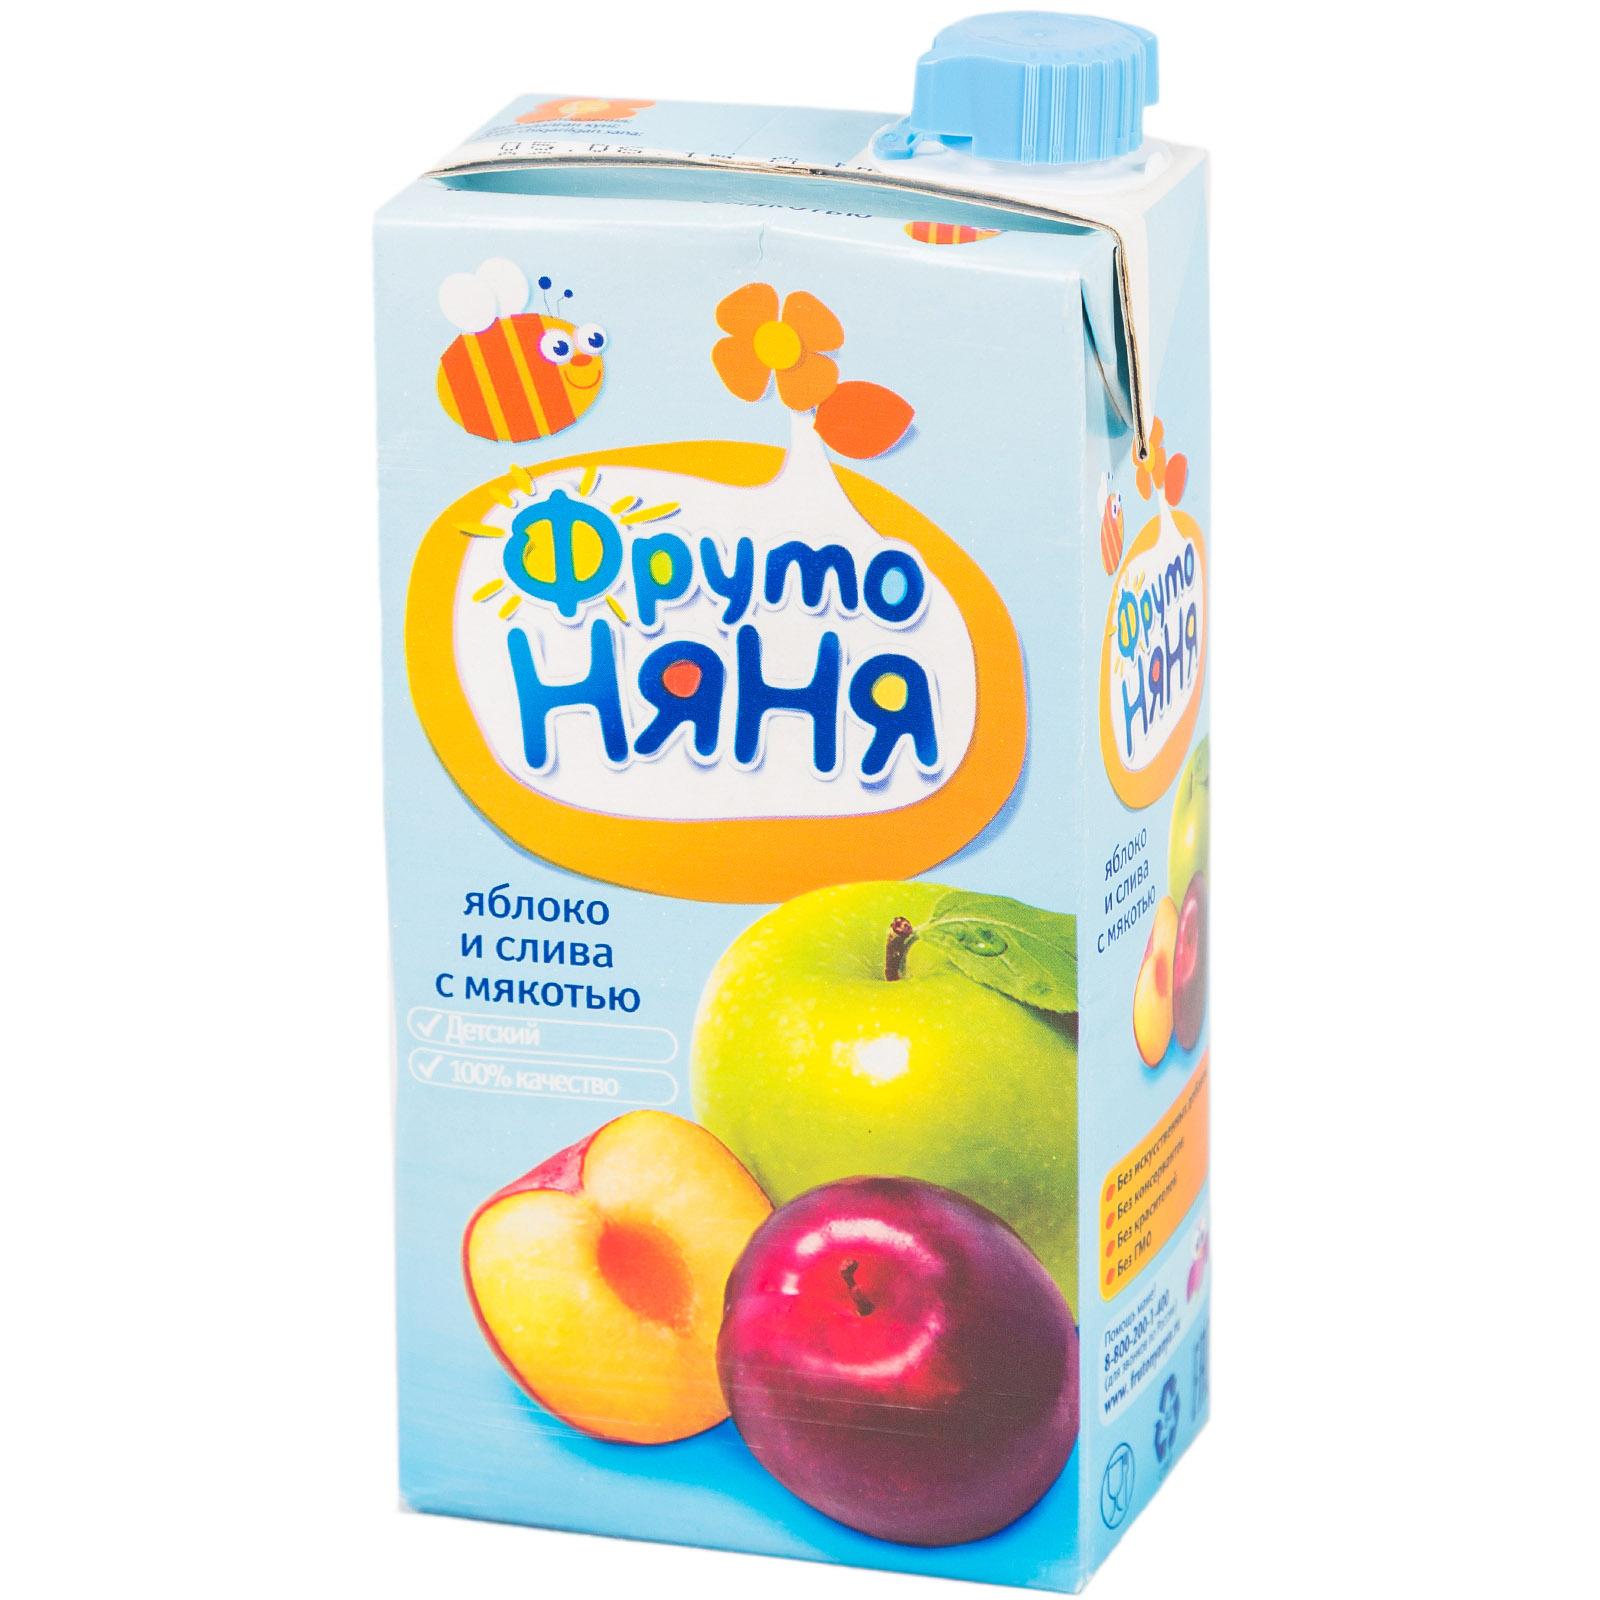 Сок Фрутоняня 500 мл Яблочно-сливовый с мякотью (с 3 лет)<br>